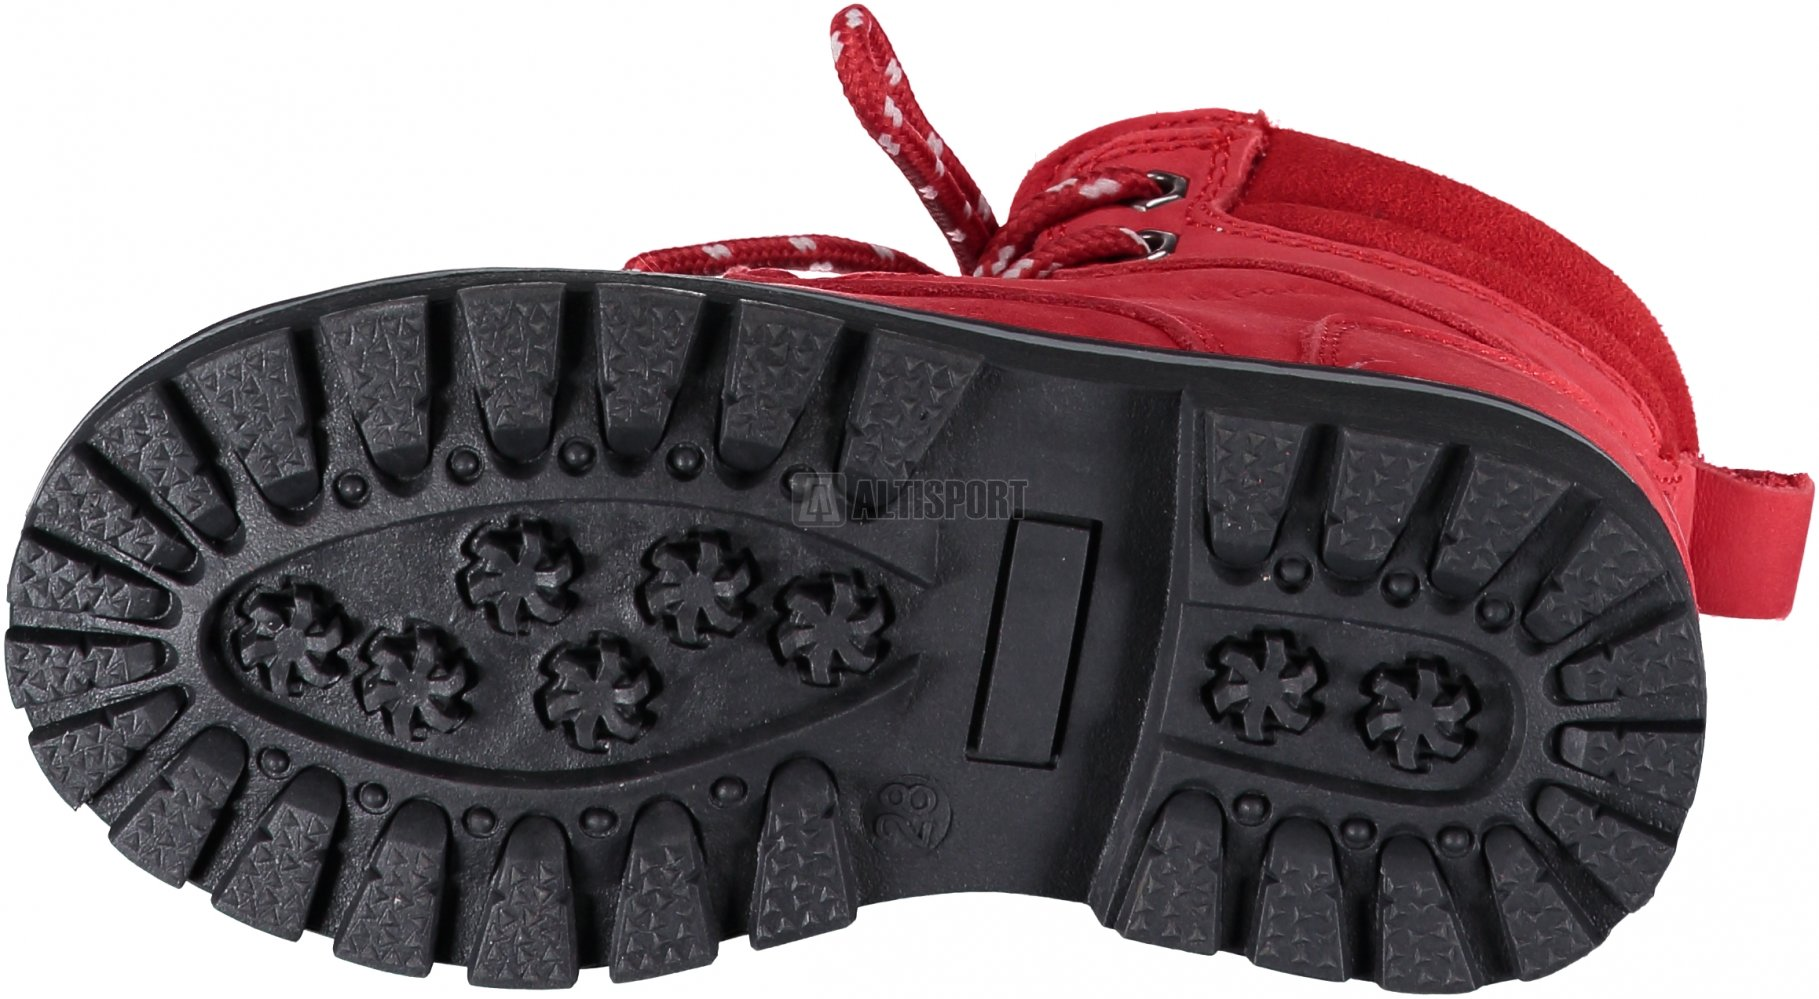 Dětské kotníkové boty ALPINE PRO JINNY KBTK151 ČERVENÁ velikost  EU ... 45ff72f8314